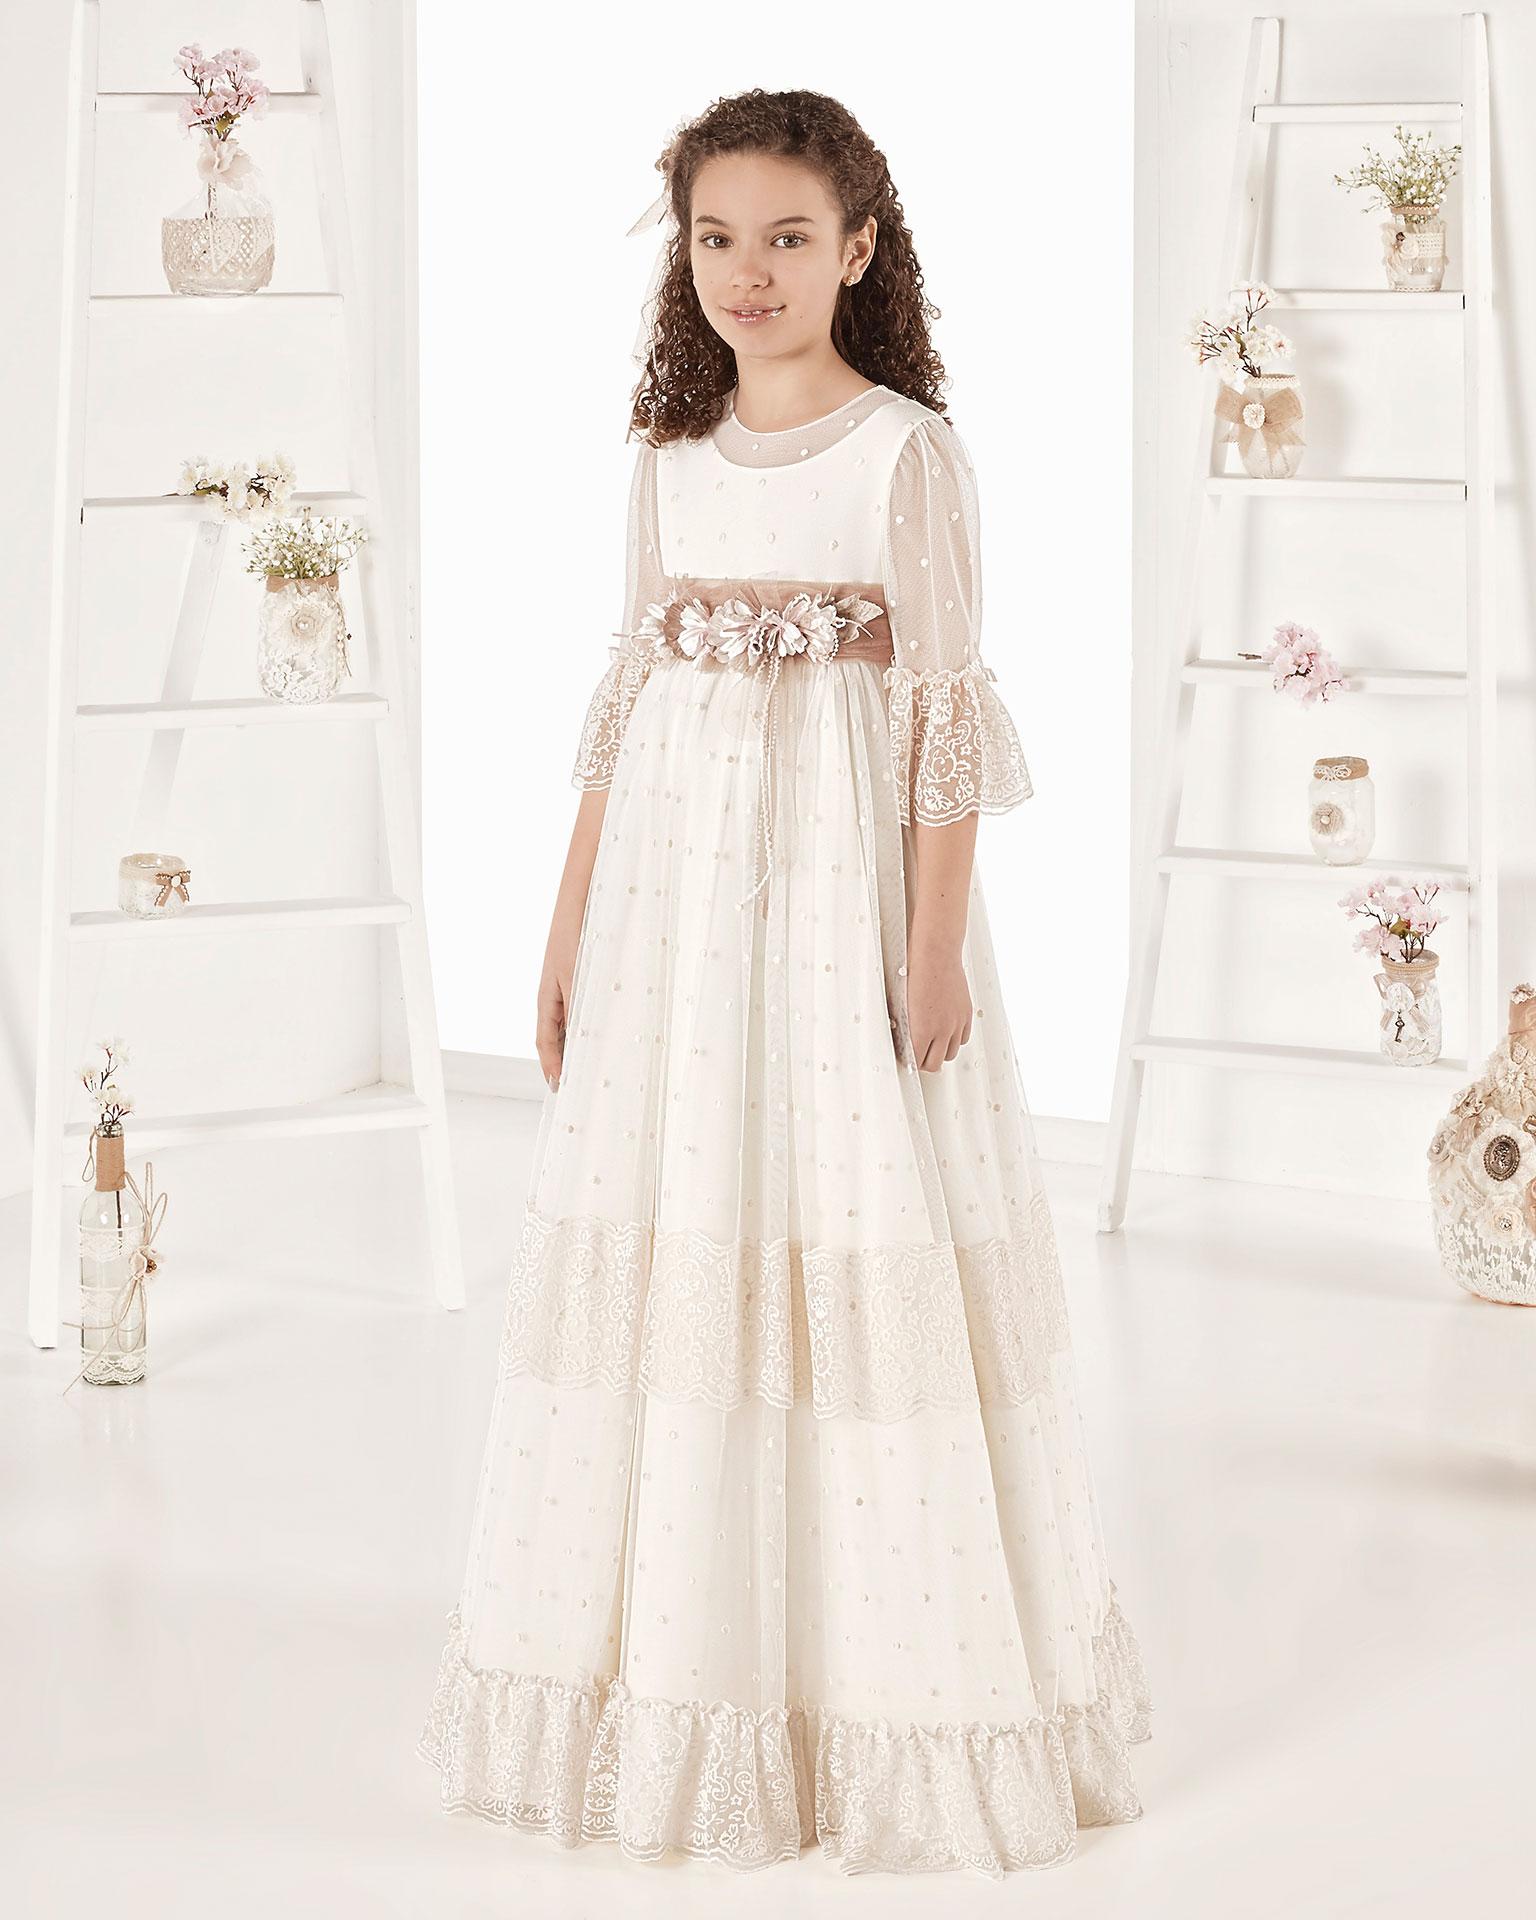 Vestido de comunión estilo vintage en tul topos. Con talle imperio. Disponible en color marfil. Colección AIRE COMUNION 2019.